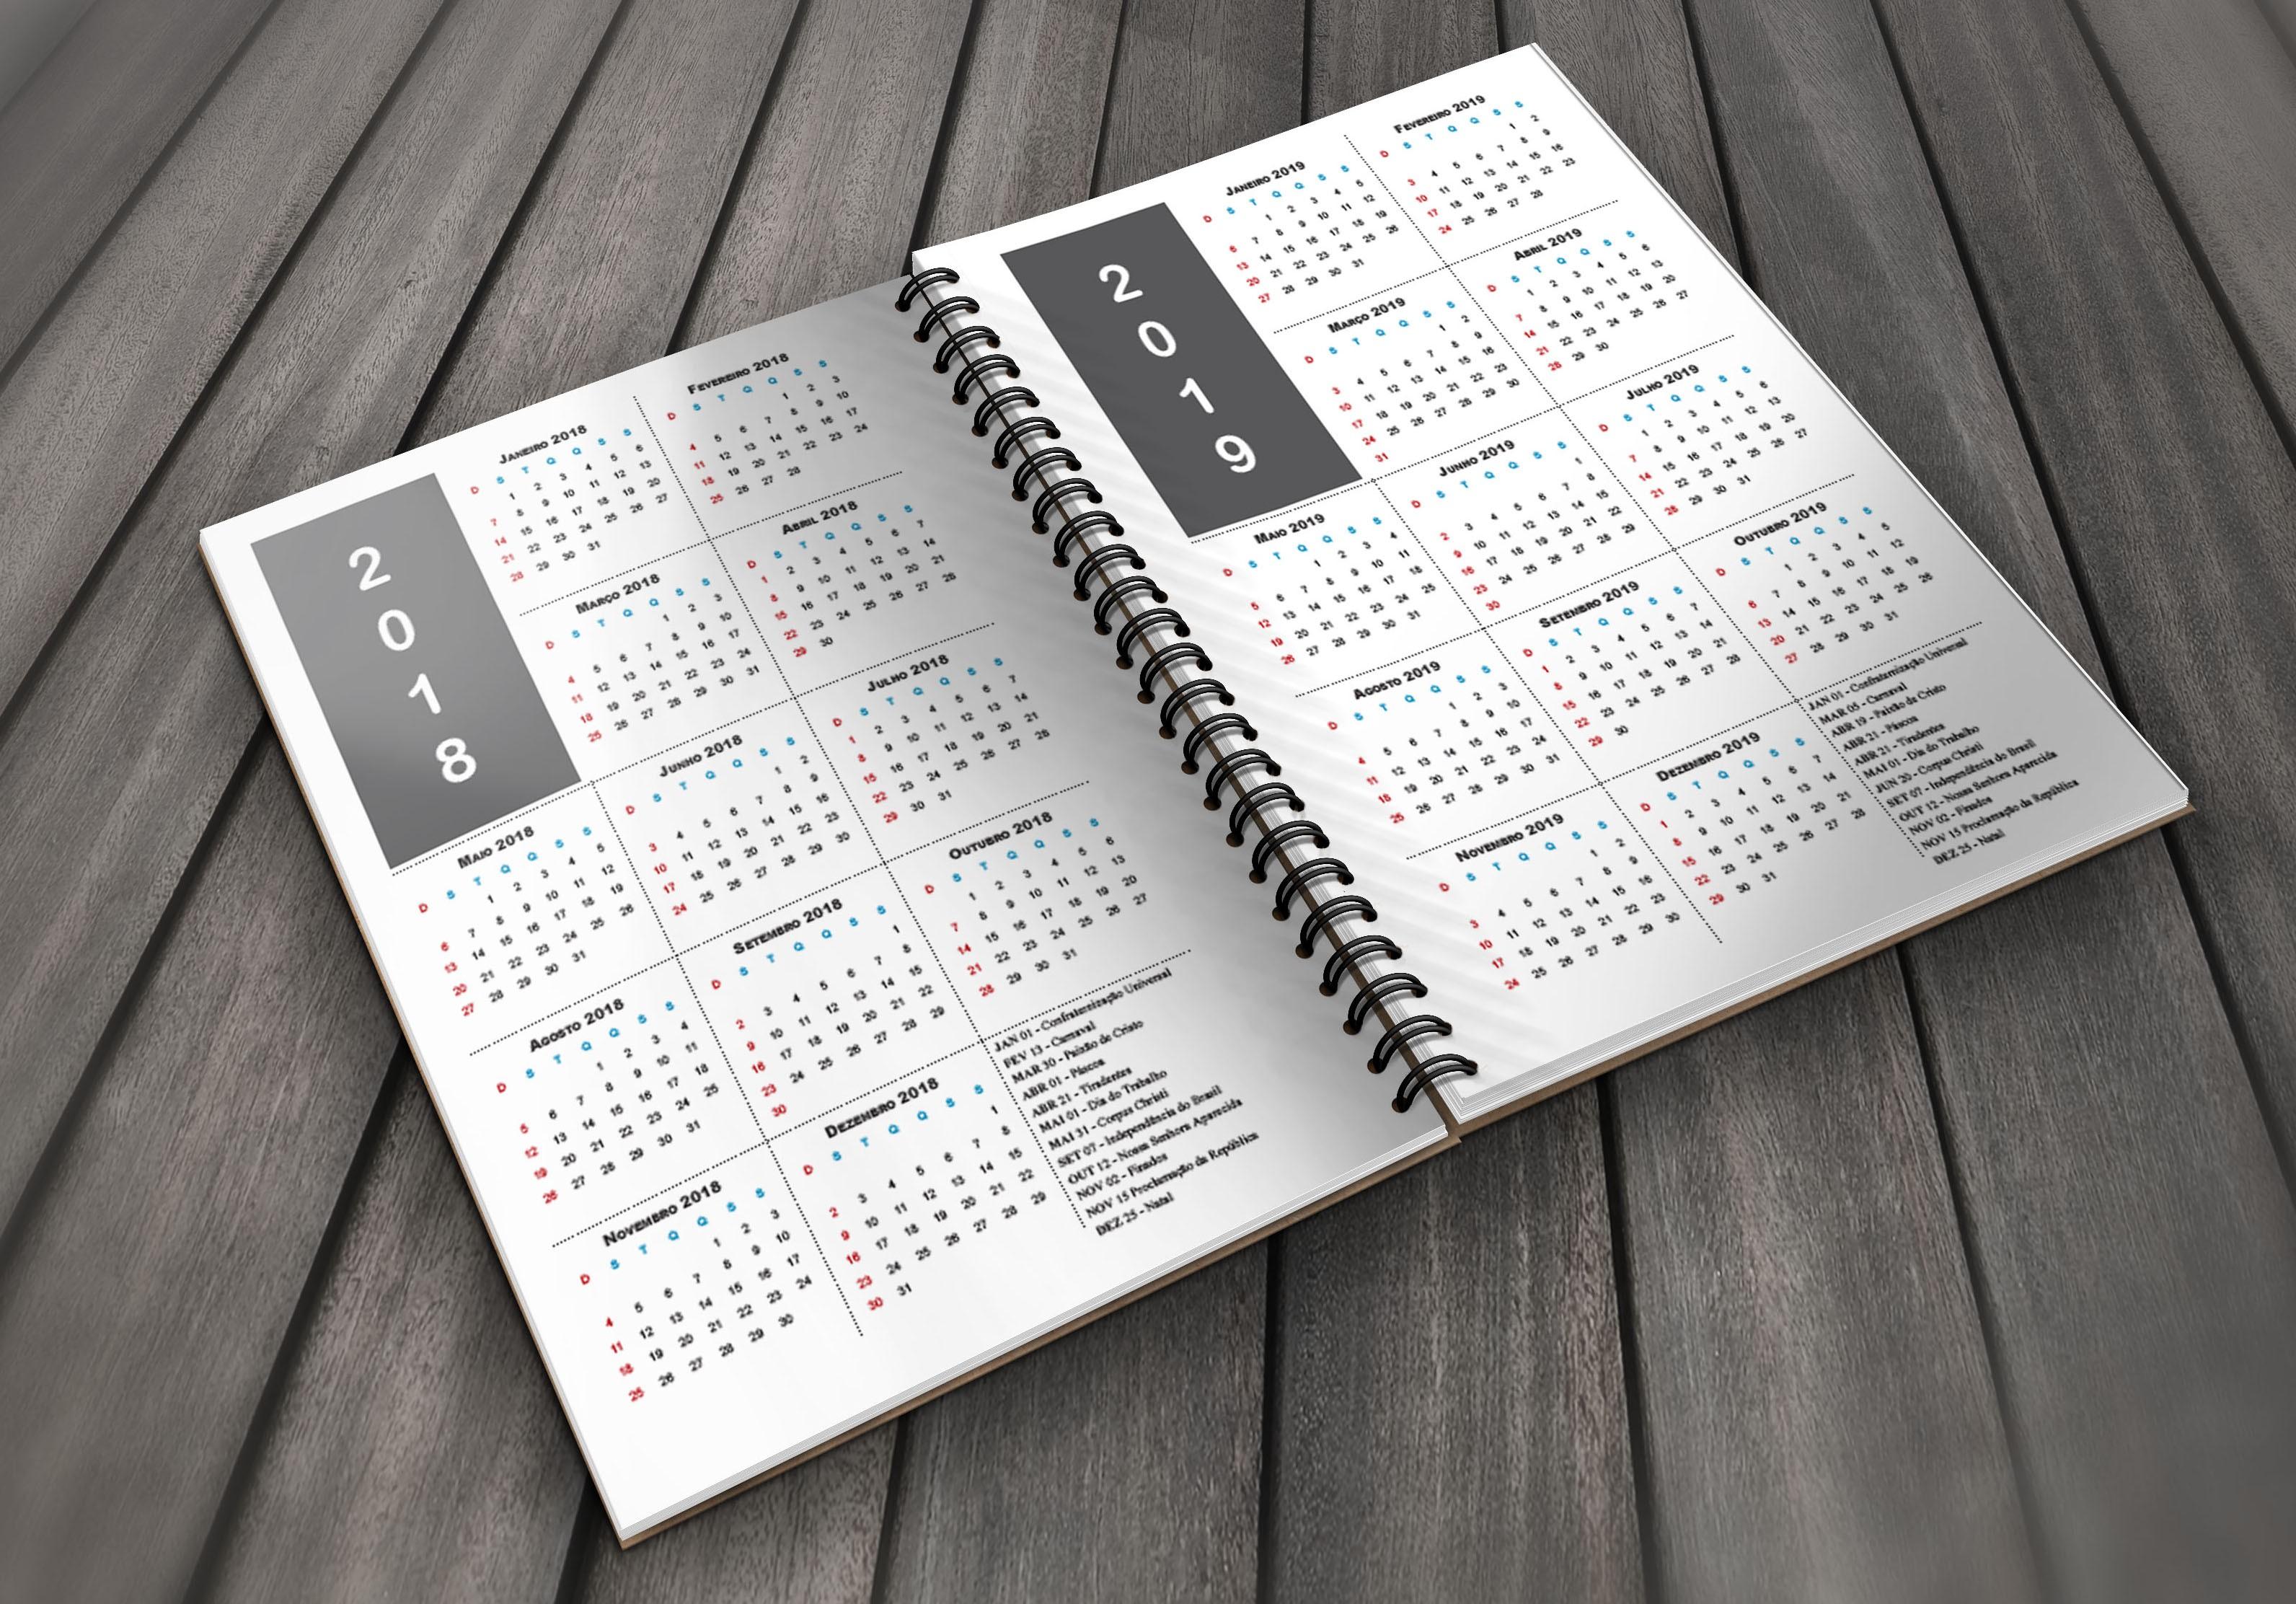 Calendario De Escritorio 2019 Para Imprimir Pdf Más Arriba-a-fecha Miolo Agenda 2018 Para Imprimir Of Calendario De Escritorio 2019 Para Imprimir Pdf Mejores Y Más Novedosos Eur Lex R2447 En Eur Lex